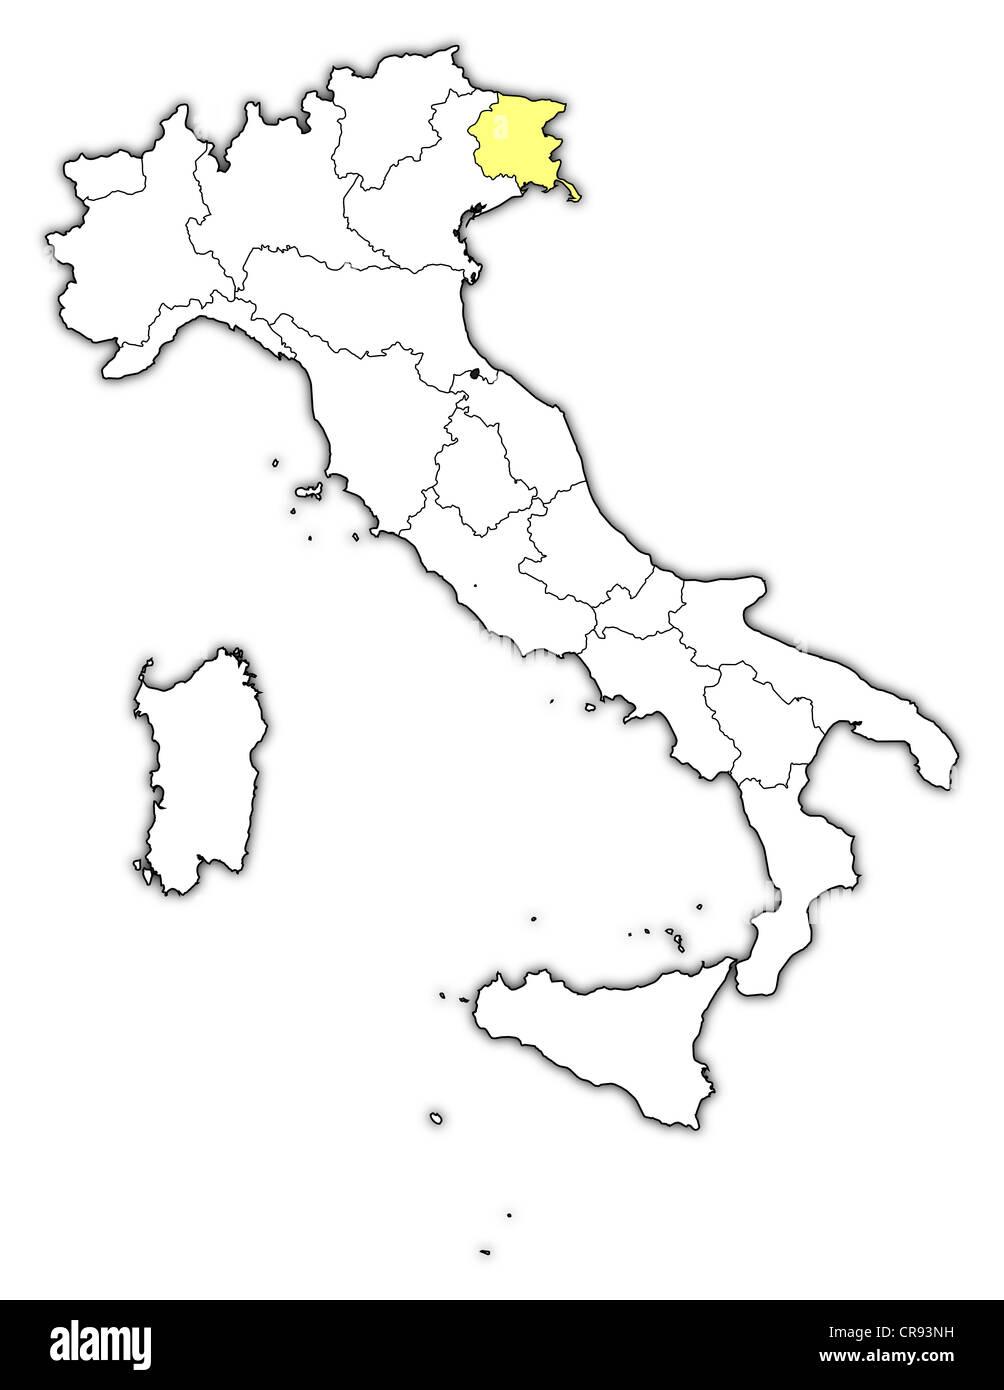 Cartina Italia Friuli Venezia Giulia.Mappa Politica Dell Italia Con Le Diverse Regioni Dove Il